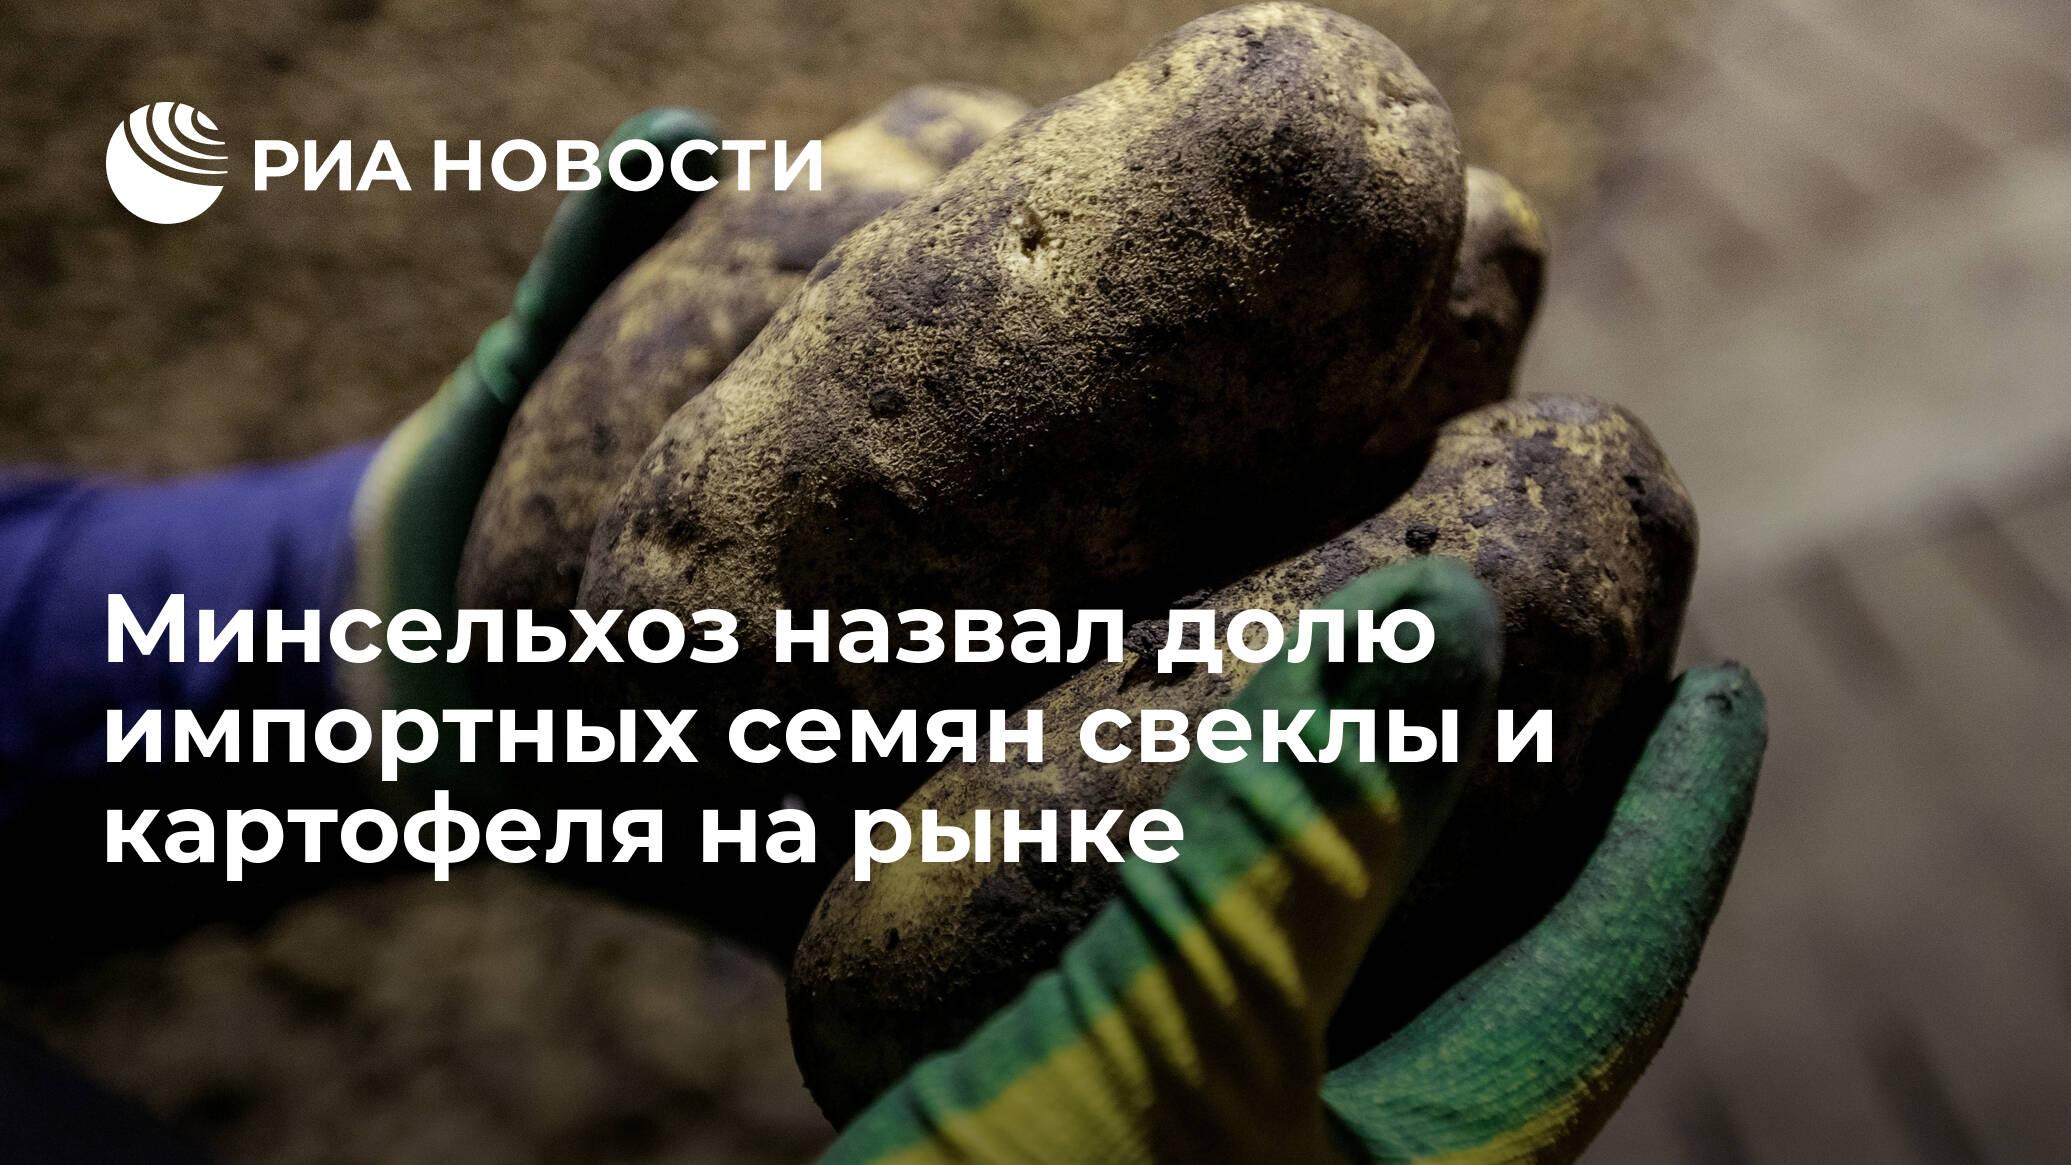 Минсельхоз назвал долю импортных семян свеклы и картофеля на рынке